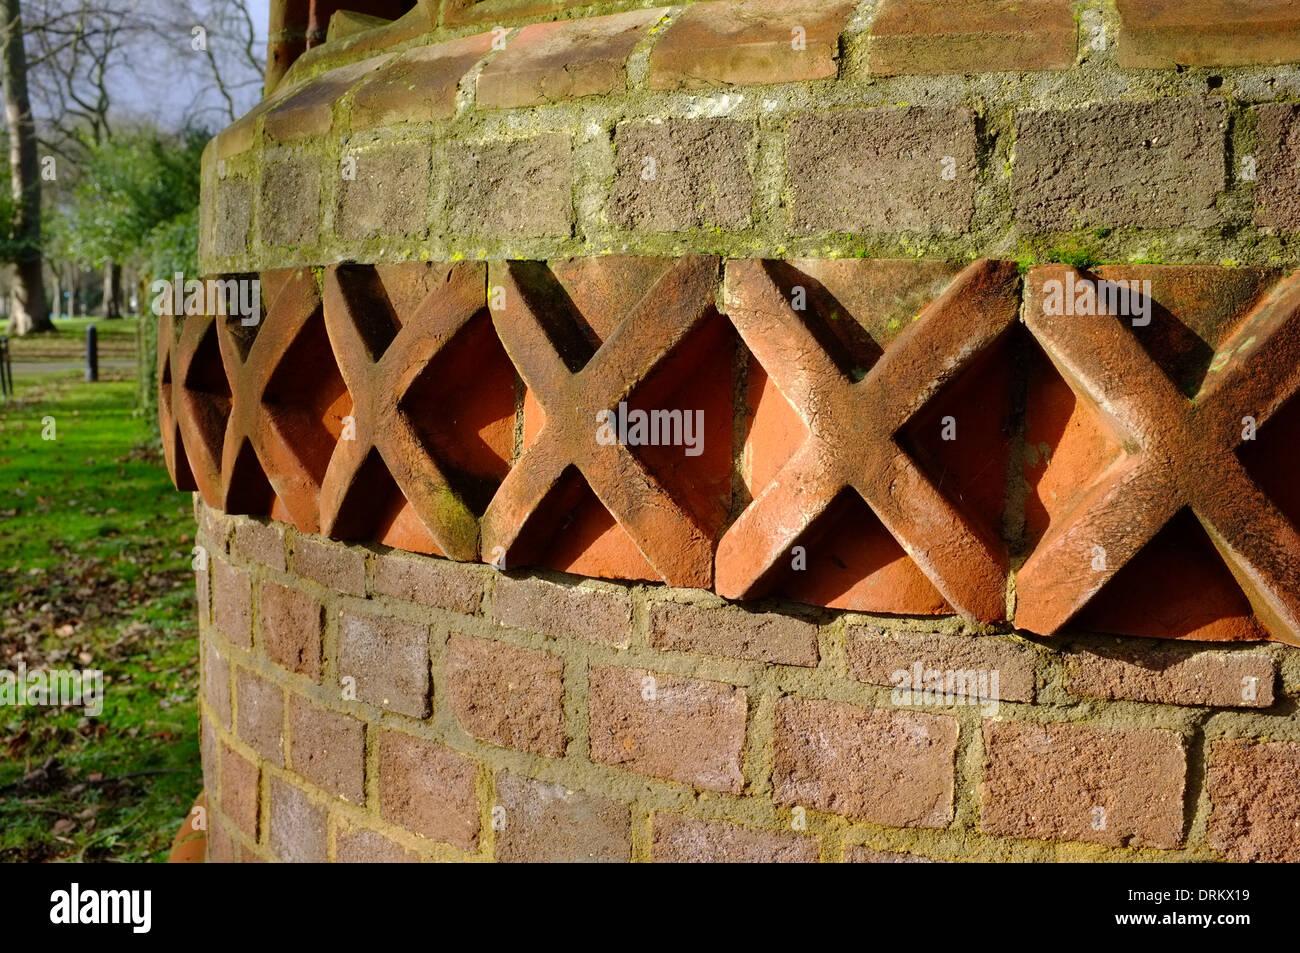 In cotto piastrelle decorative allinterno di un muro di mattoni in